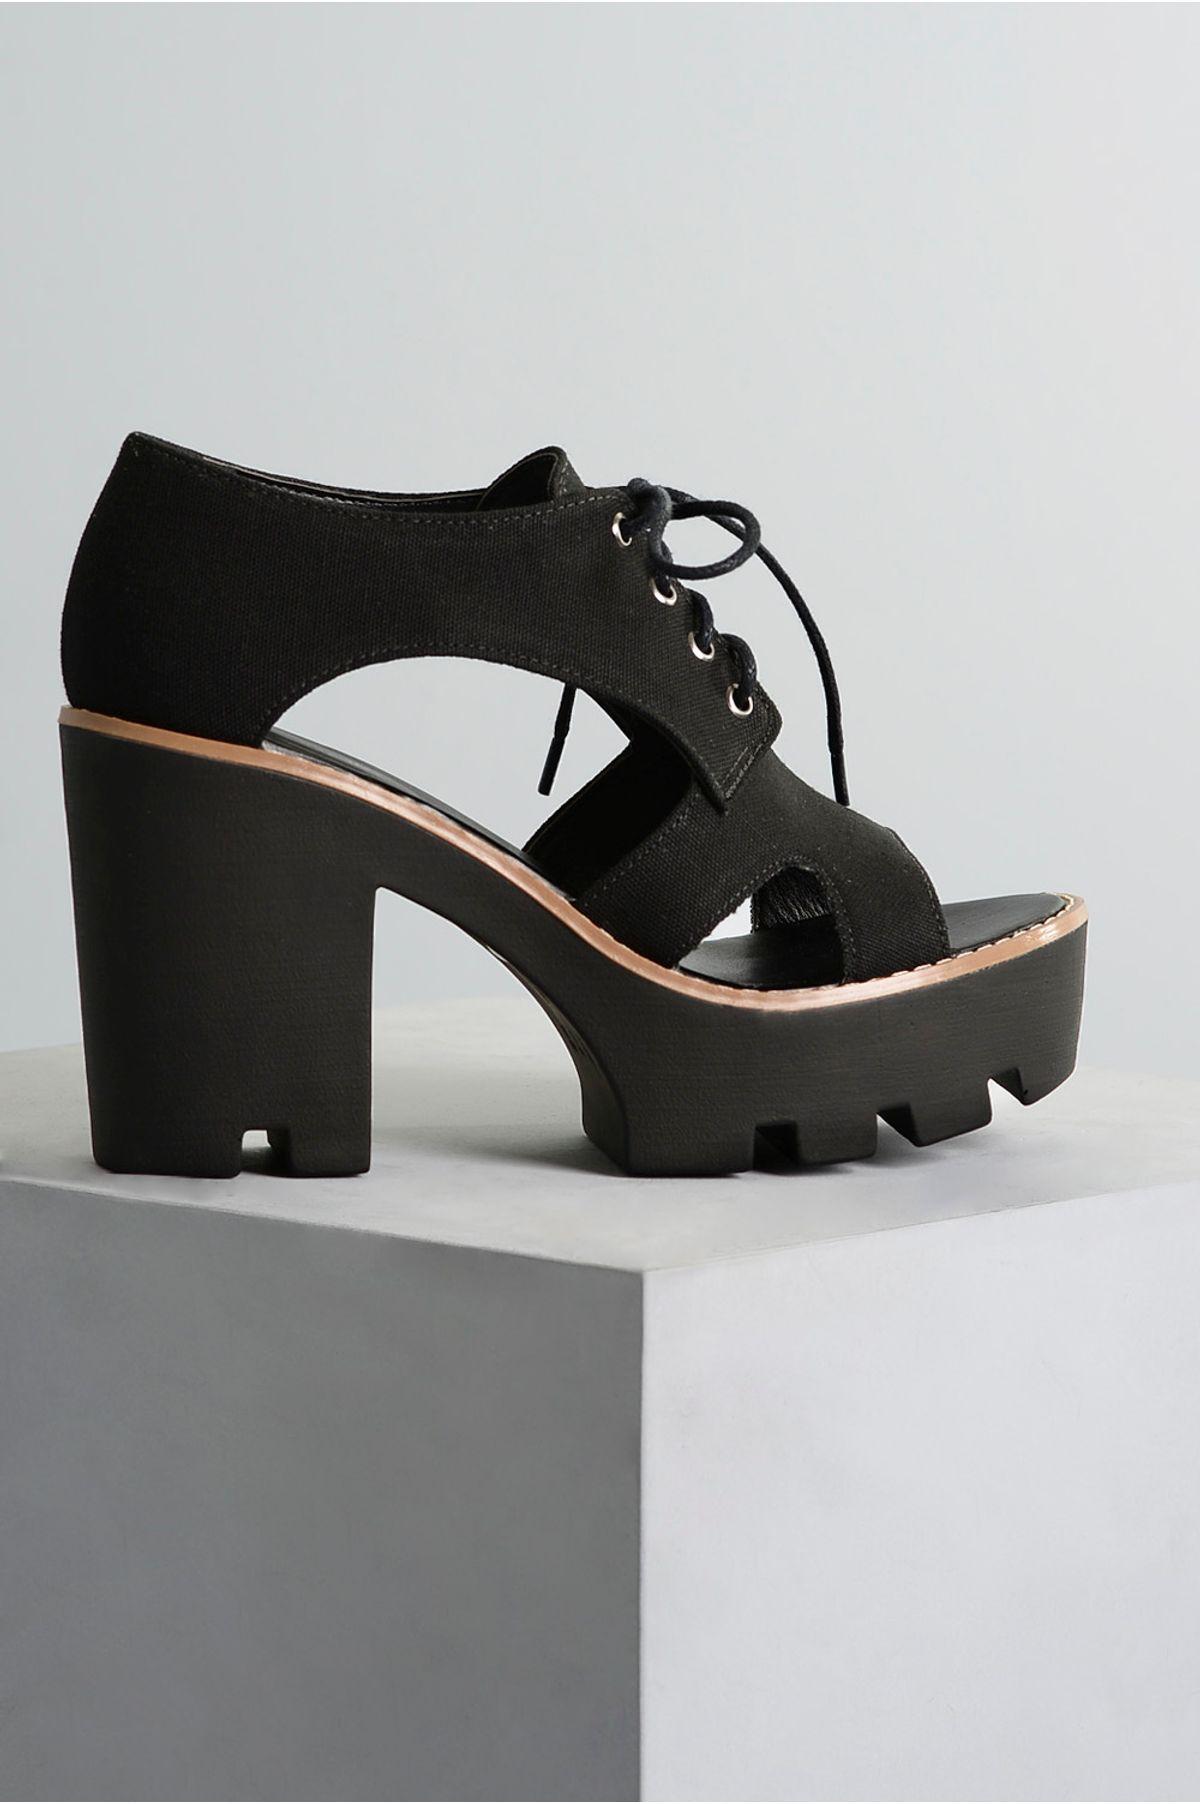 7f2b5df85 Sandália Feminina Tratorada Laiany Mundial | Mundial Calçados ...